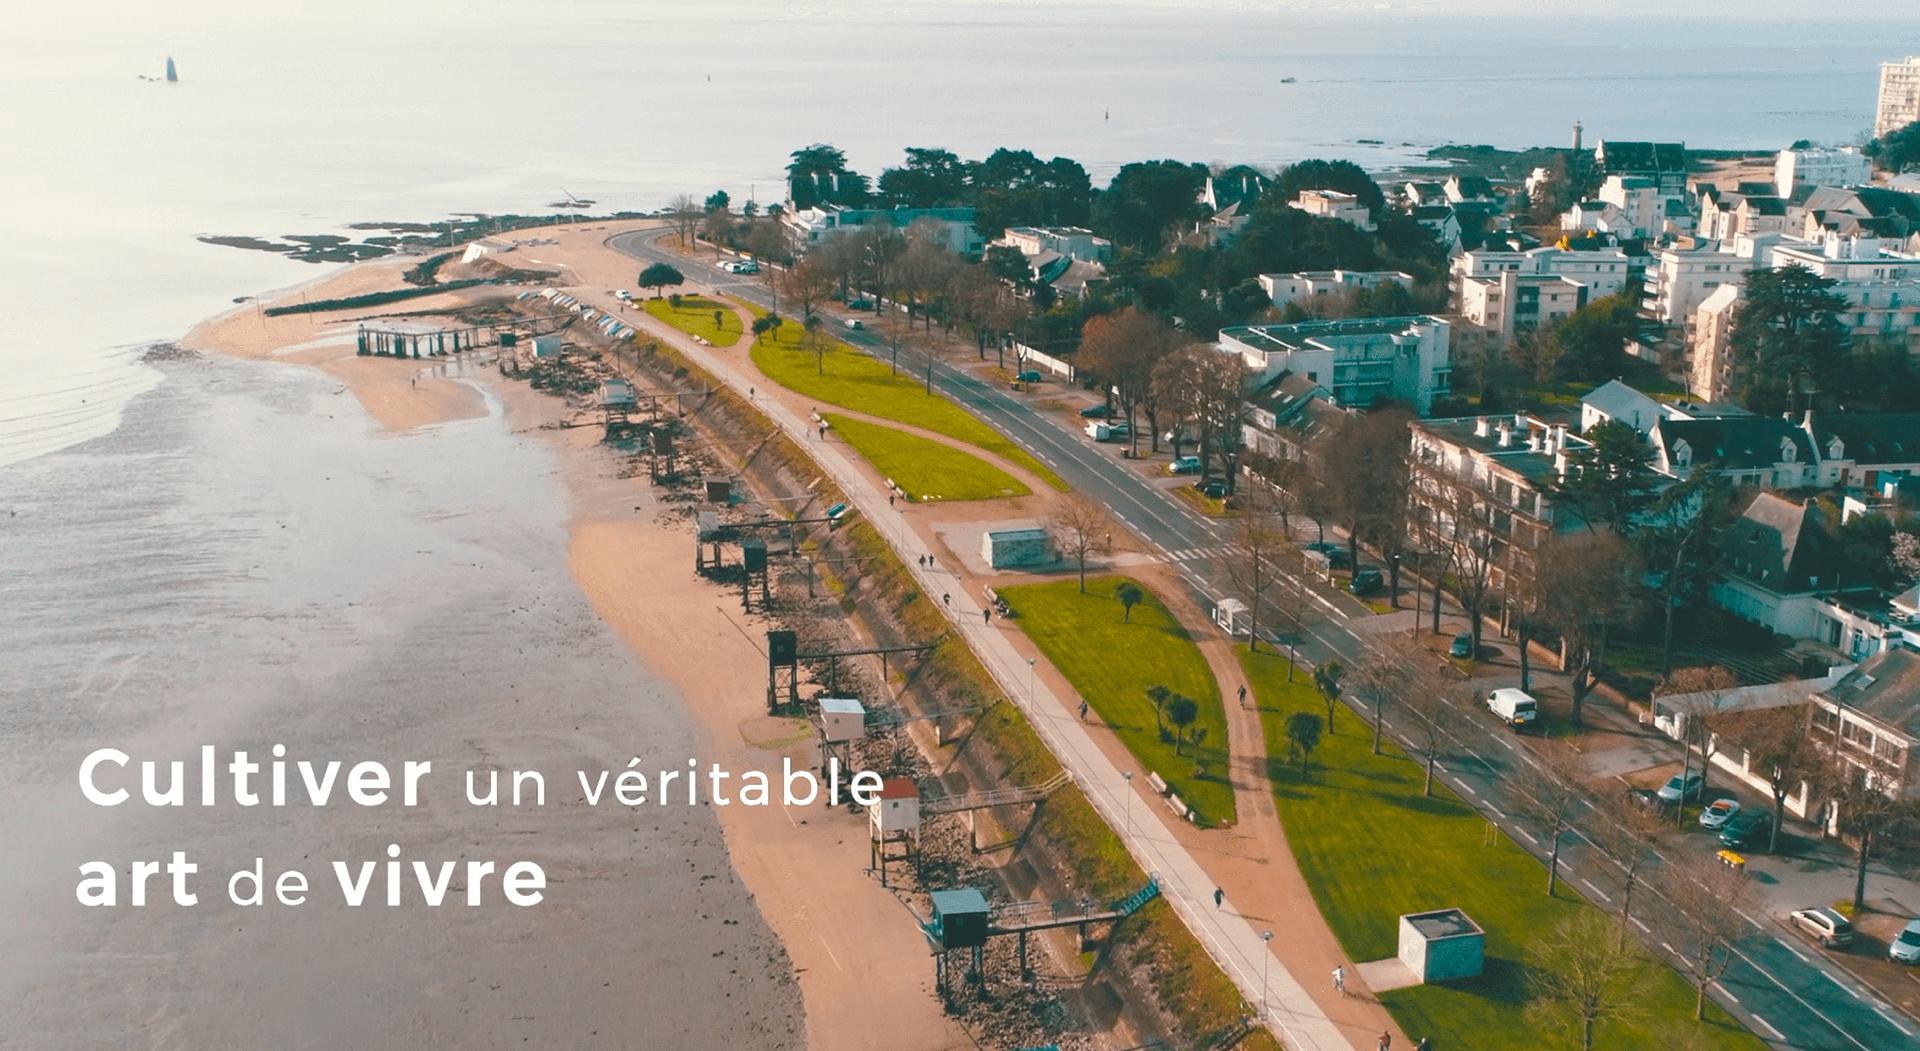 Cultivez un véritable Art de vivre avec le programme Origine quartier sautron à Saint Nazaire